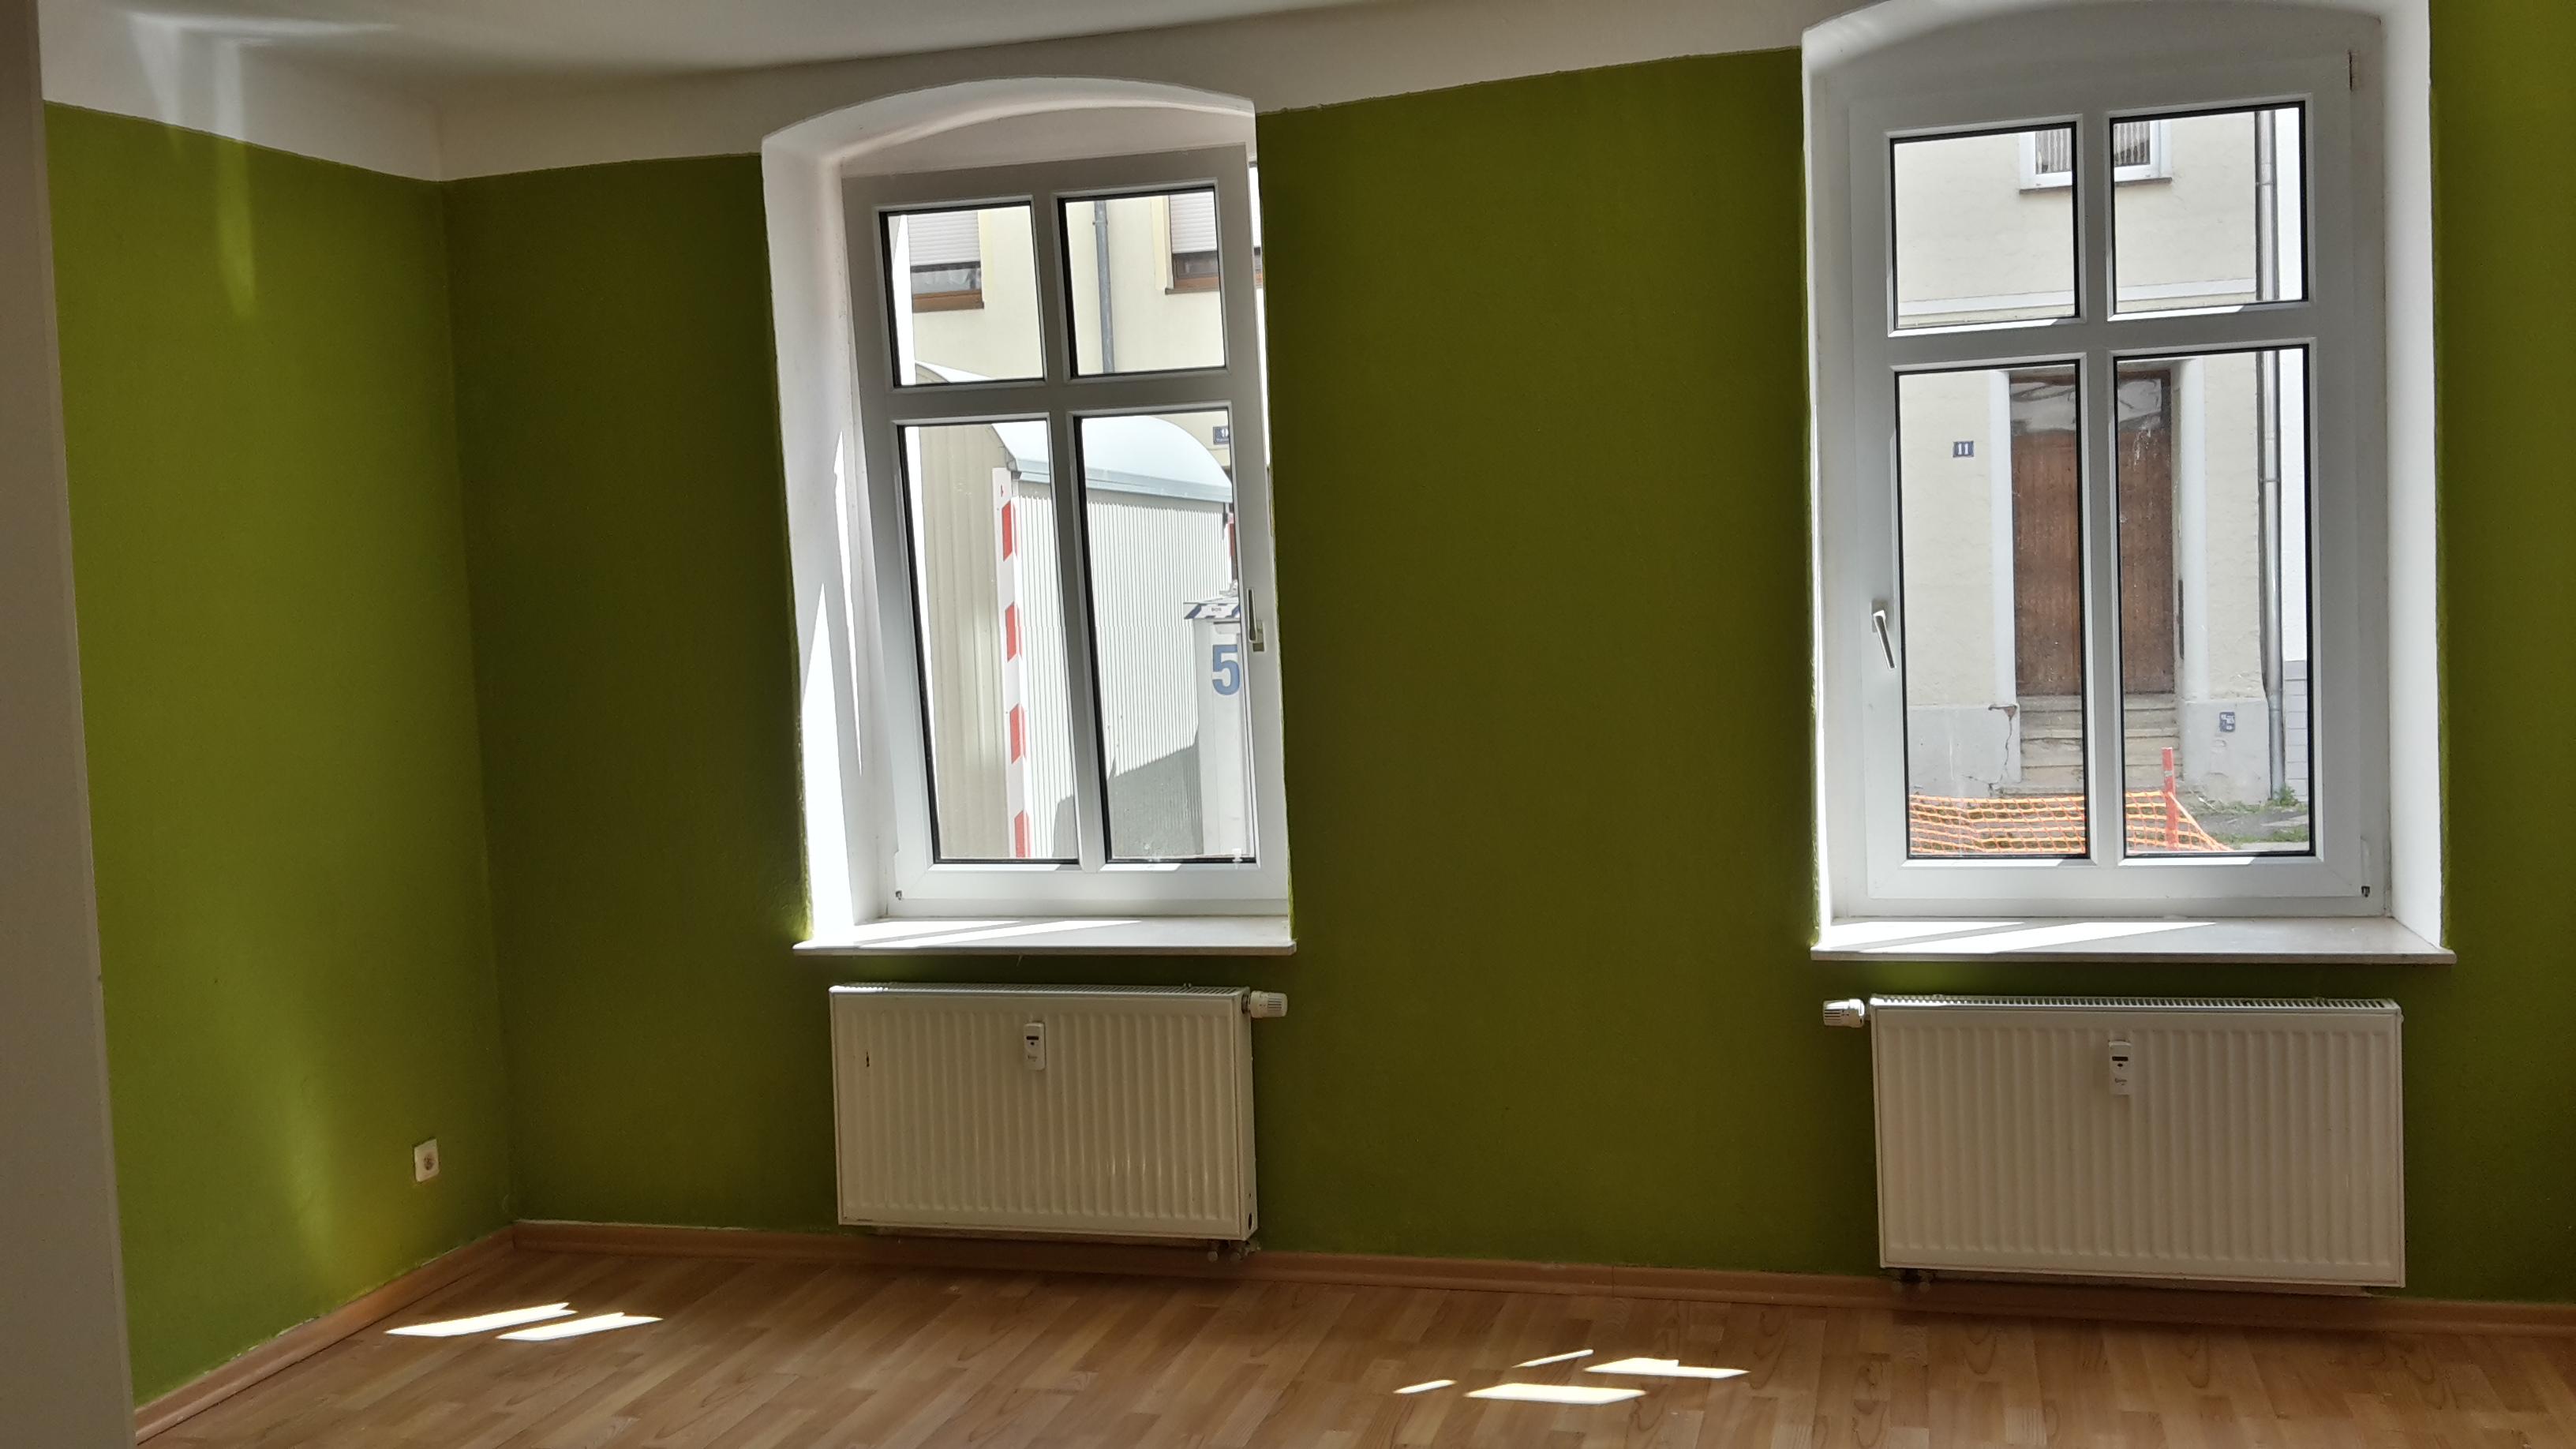 2 raum maisonette wohnung lindenstra e 8 07546 gera ostviertel. Black Bedroom Furniture Sets. Home Design Ideas